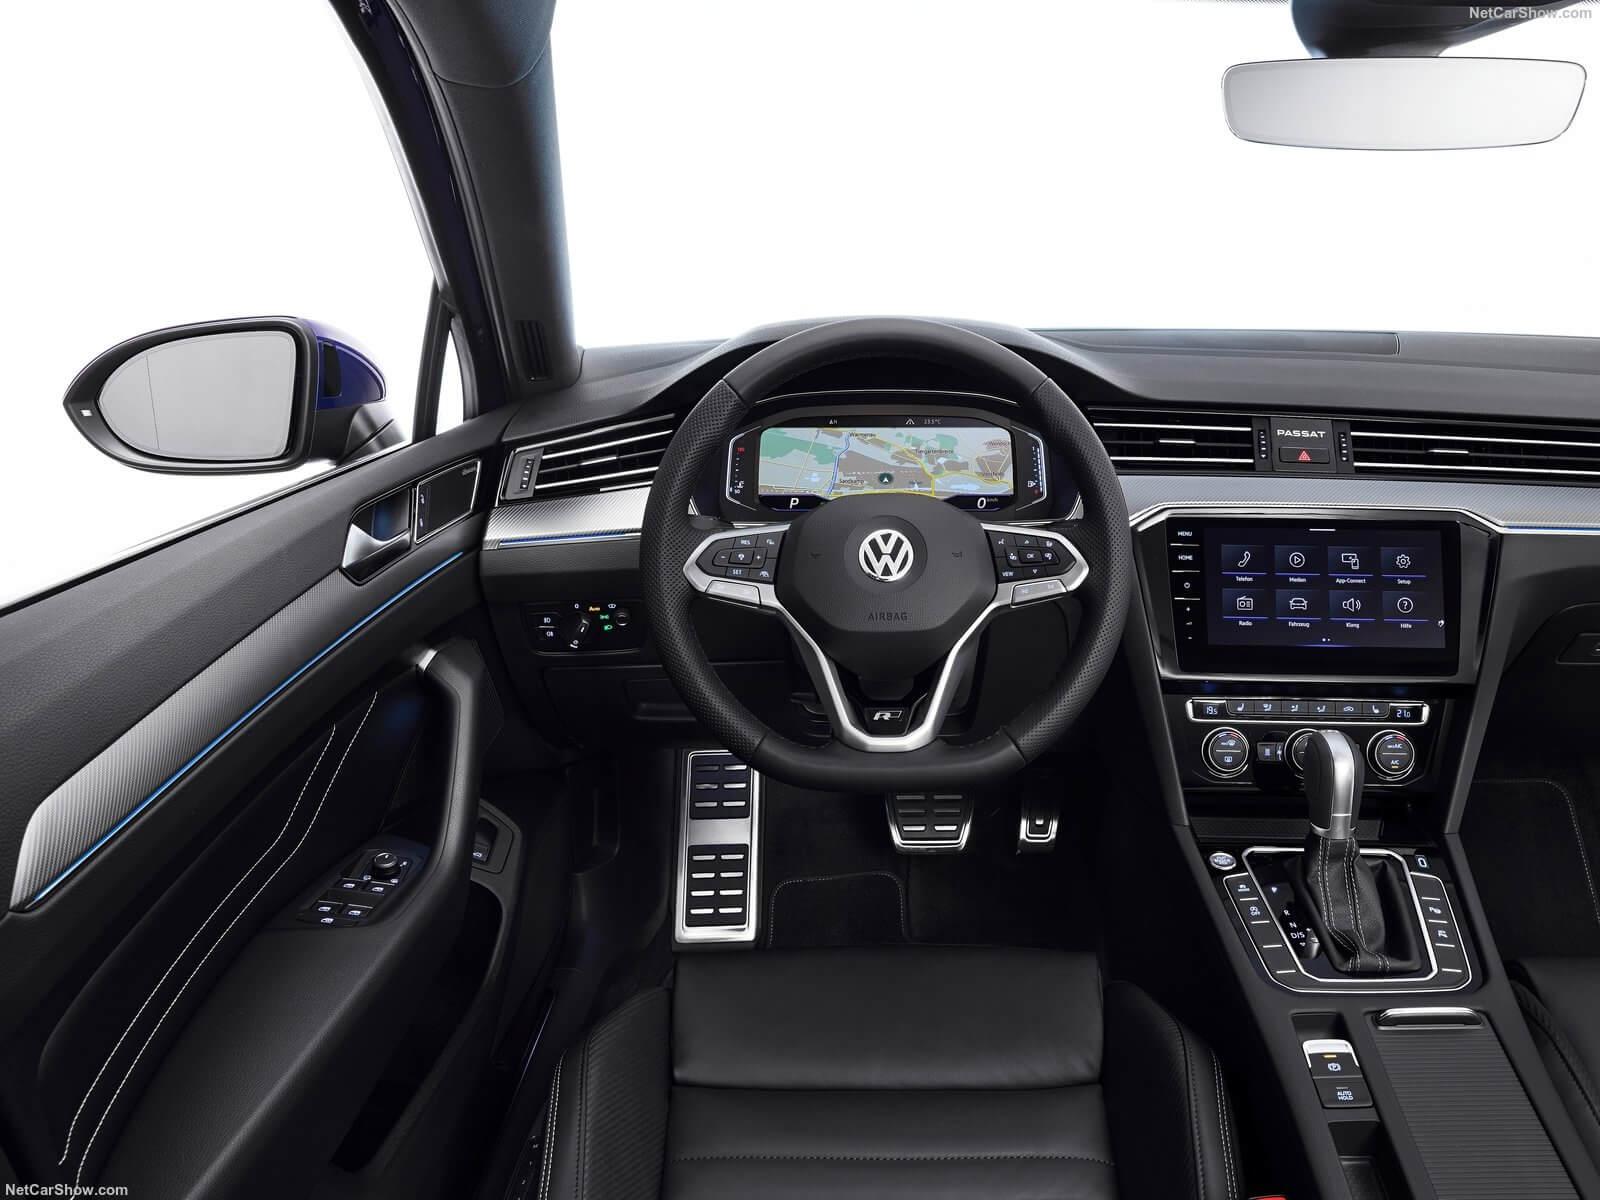 Volkswagen Passat agora tem tecnologias semiautônomas de condução